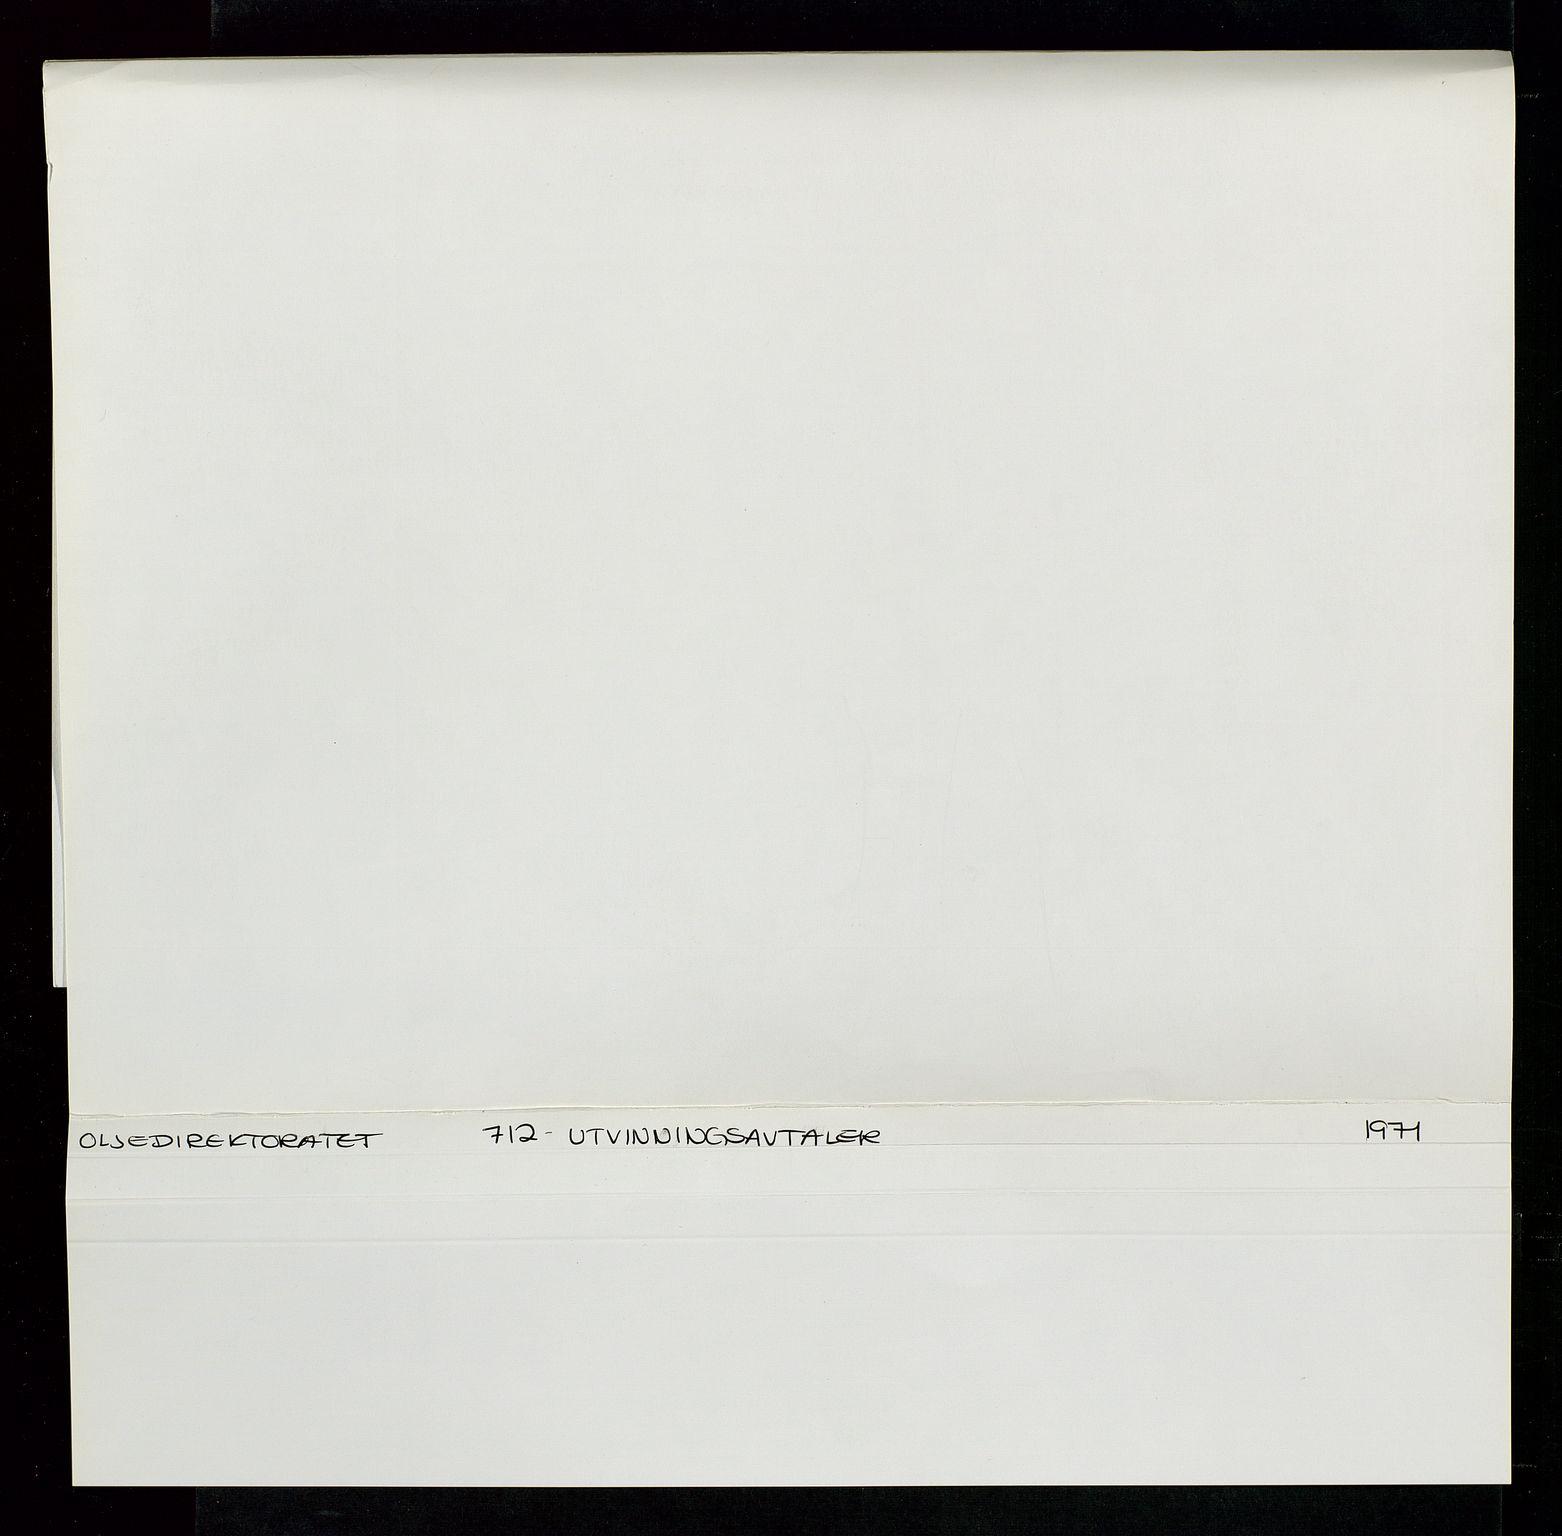 SAST, Industridepartementet, Oljekontoret, Da/L0004: Arkivnøkkel 711 - 712 Utvinningstillatelser, 1970-1971, s. 408